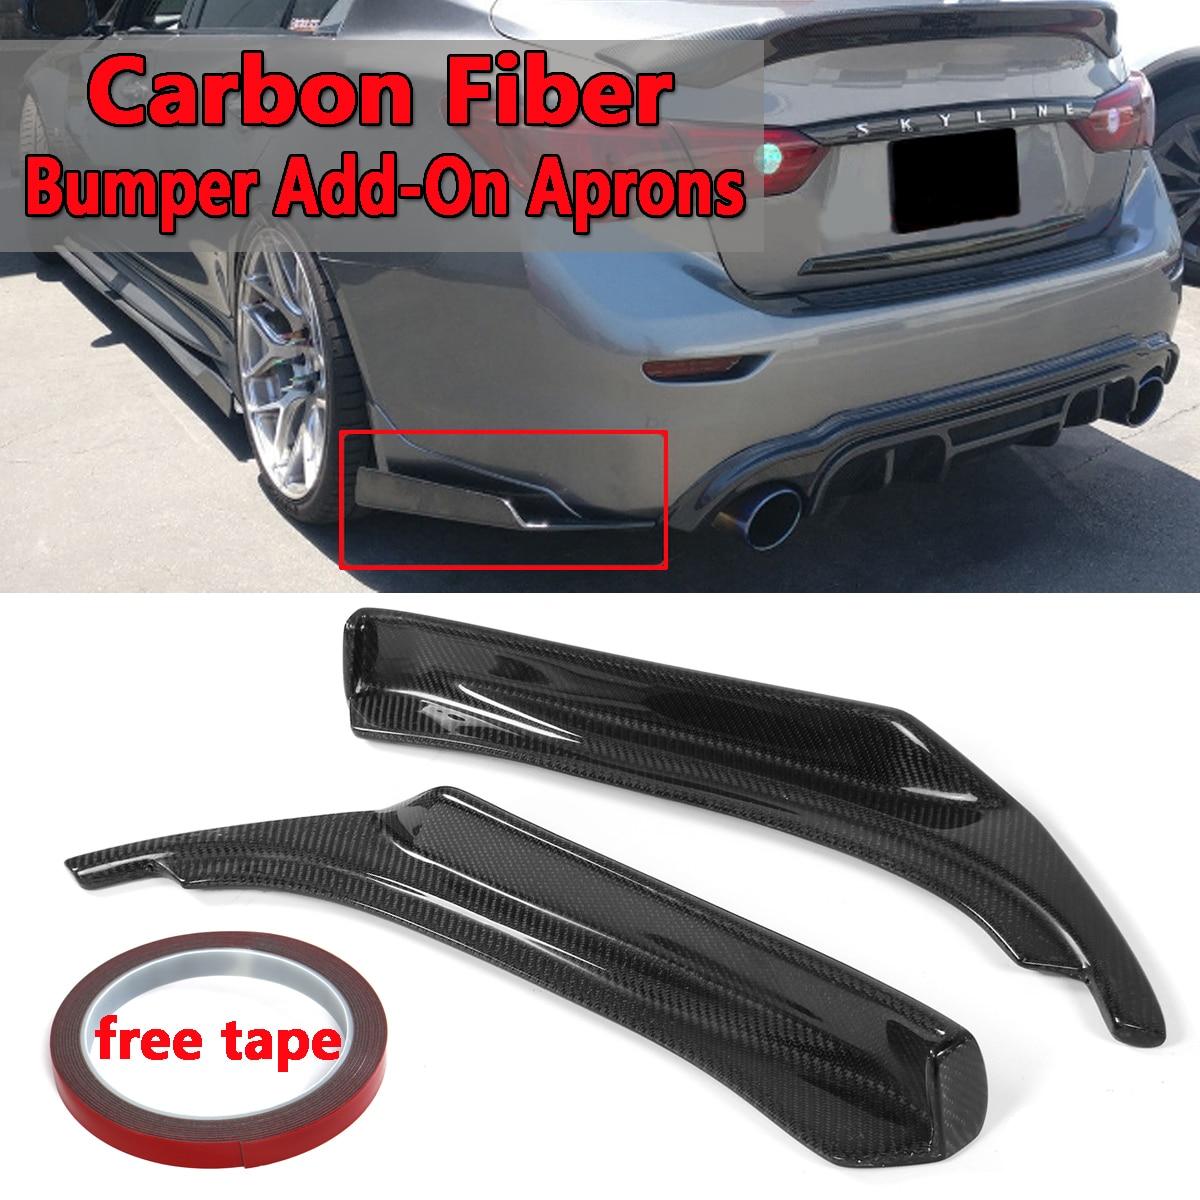 1 paire de tabliers latéraux noirs pour pare-chocs arrière pour Infiniti Q50 2014-2017 tabliers supplémentaires pour pare-chocs arrière en Fiber de carbone